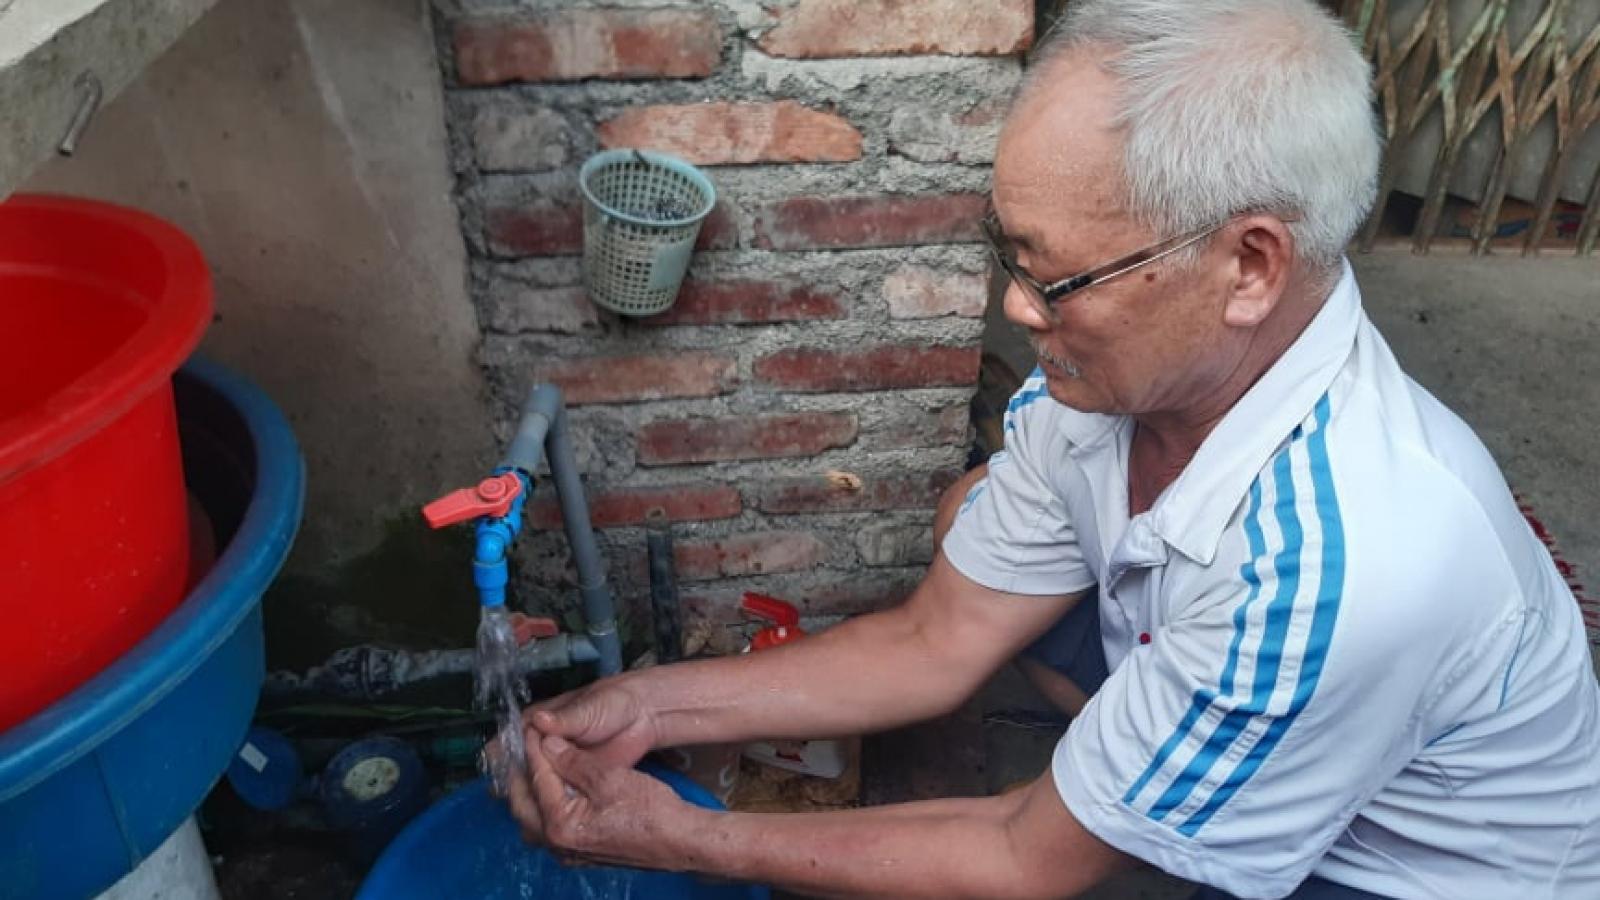 Làm rõ việc chậm thanh toán 3 ngày, người dân bị cắt nước ở Nà Phặc (Bắc Kạn)